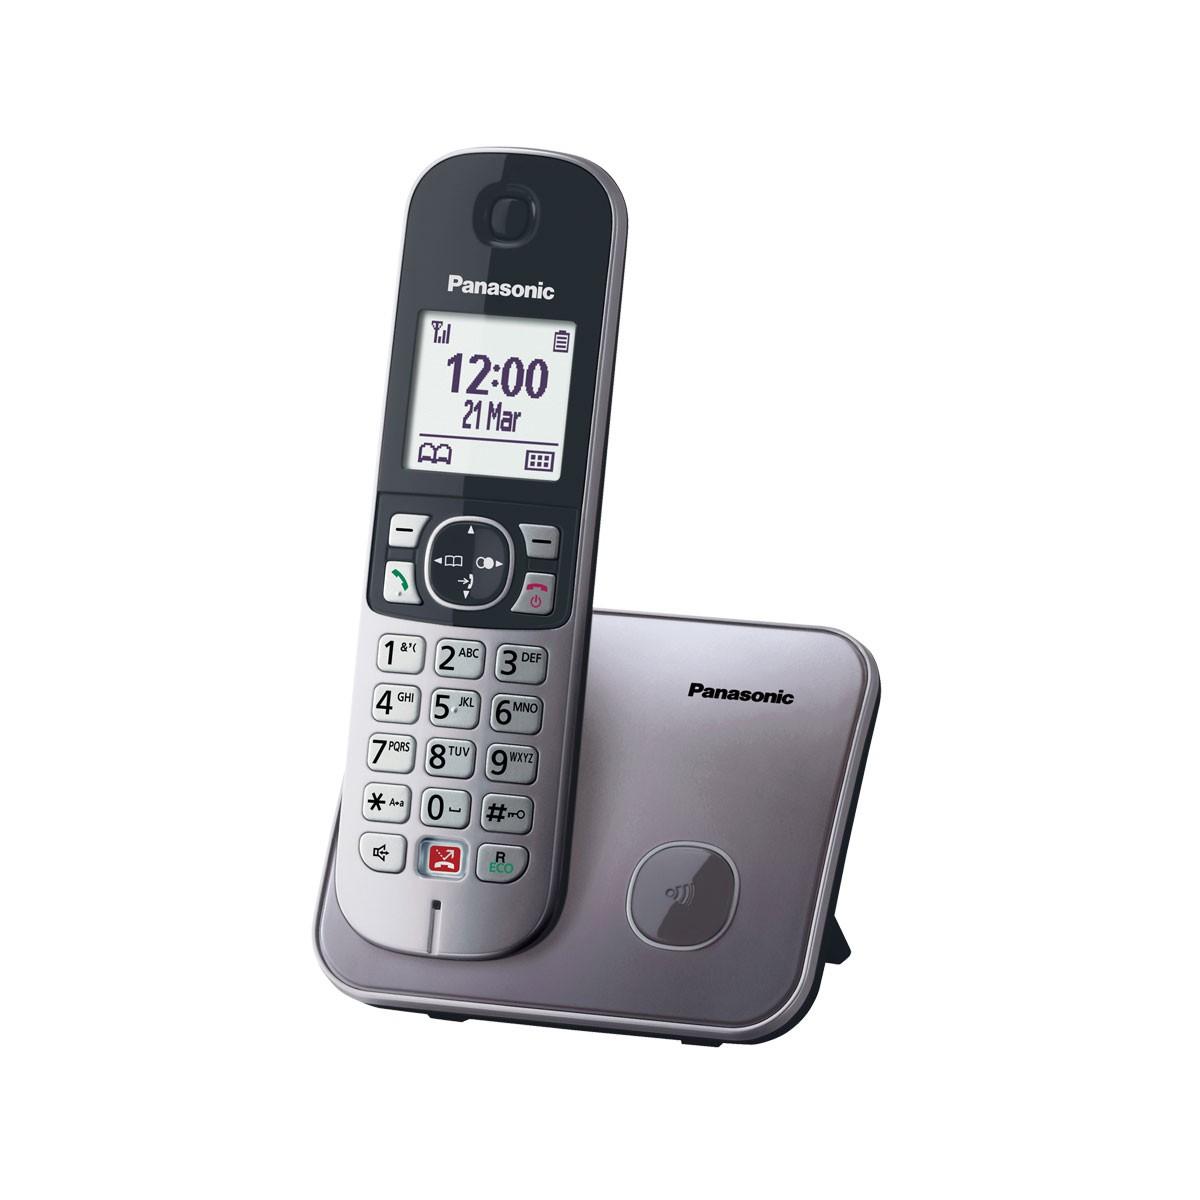 Ασύρματο Ψηφιακό Τηλέφωνο Panasonic KX-TG6851GRM με Μεγάλη Οθόνη και Ανοιχτή Ακρόαση Γκρί